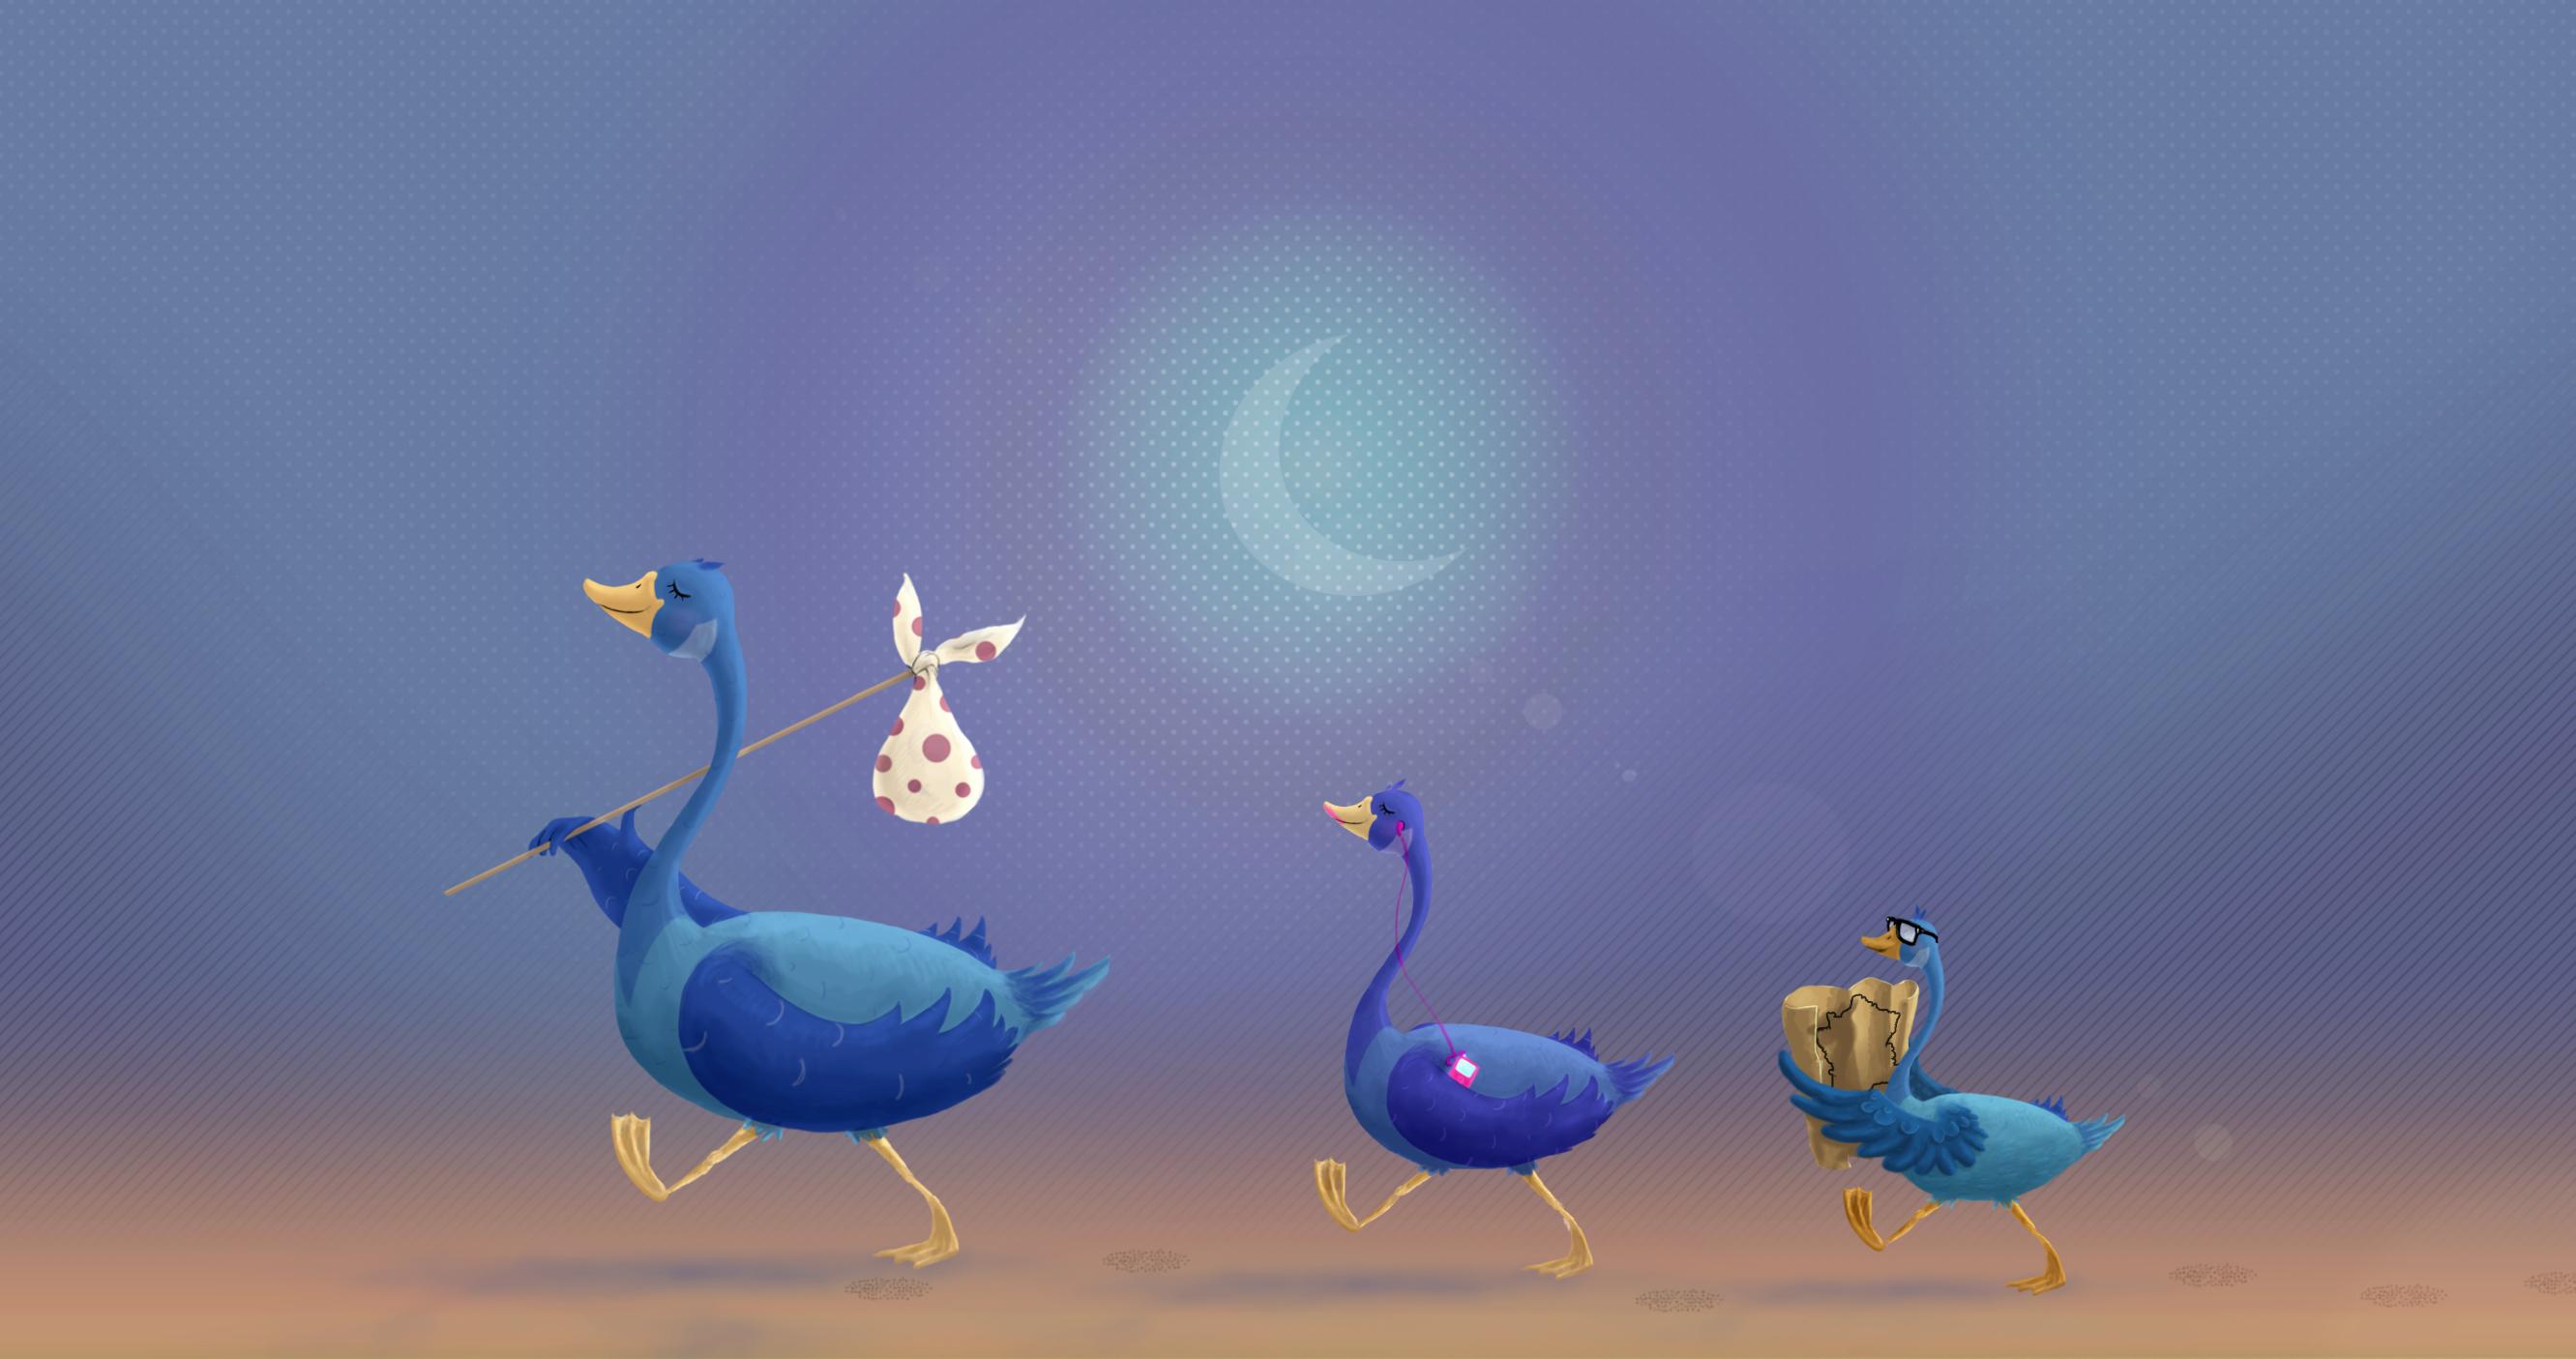 Illustration for Moovily